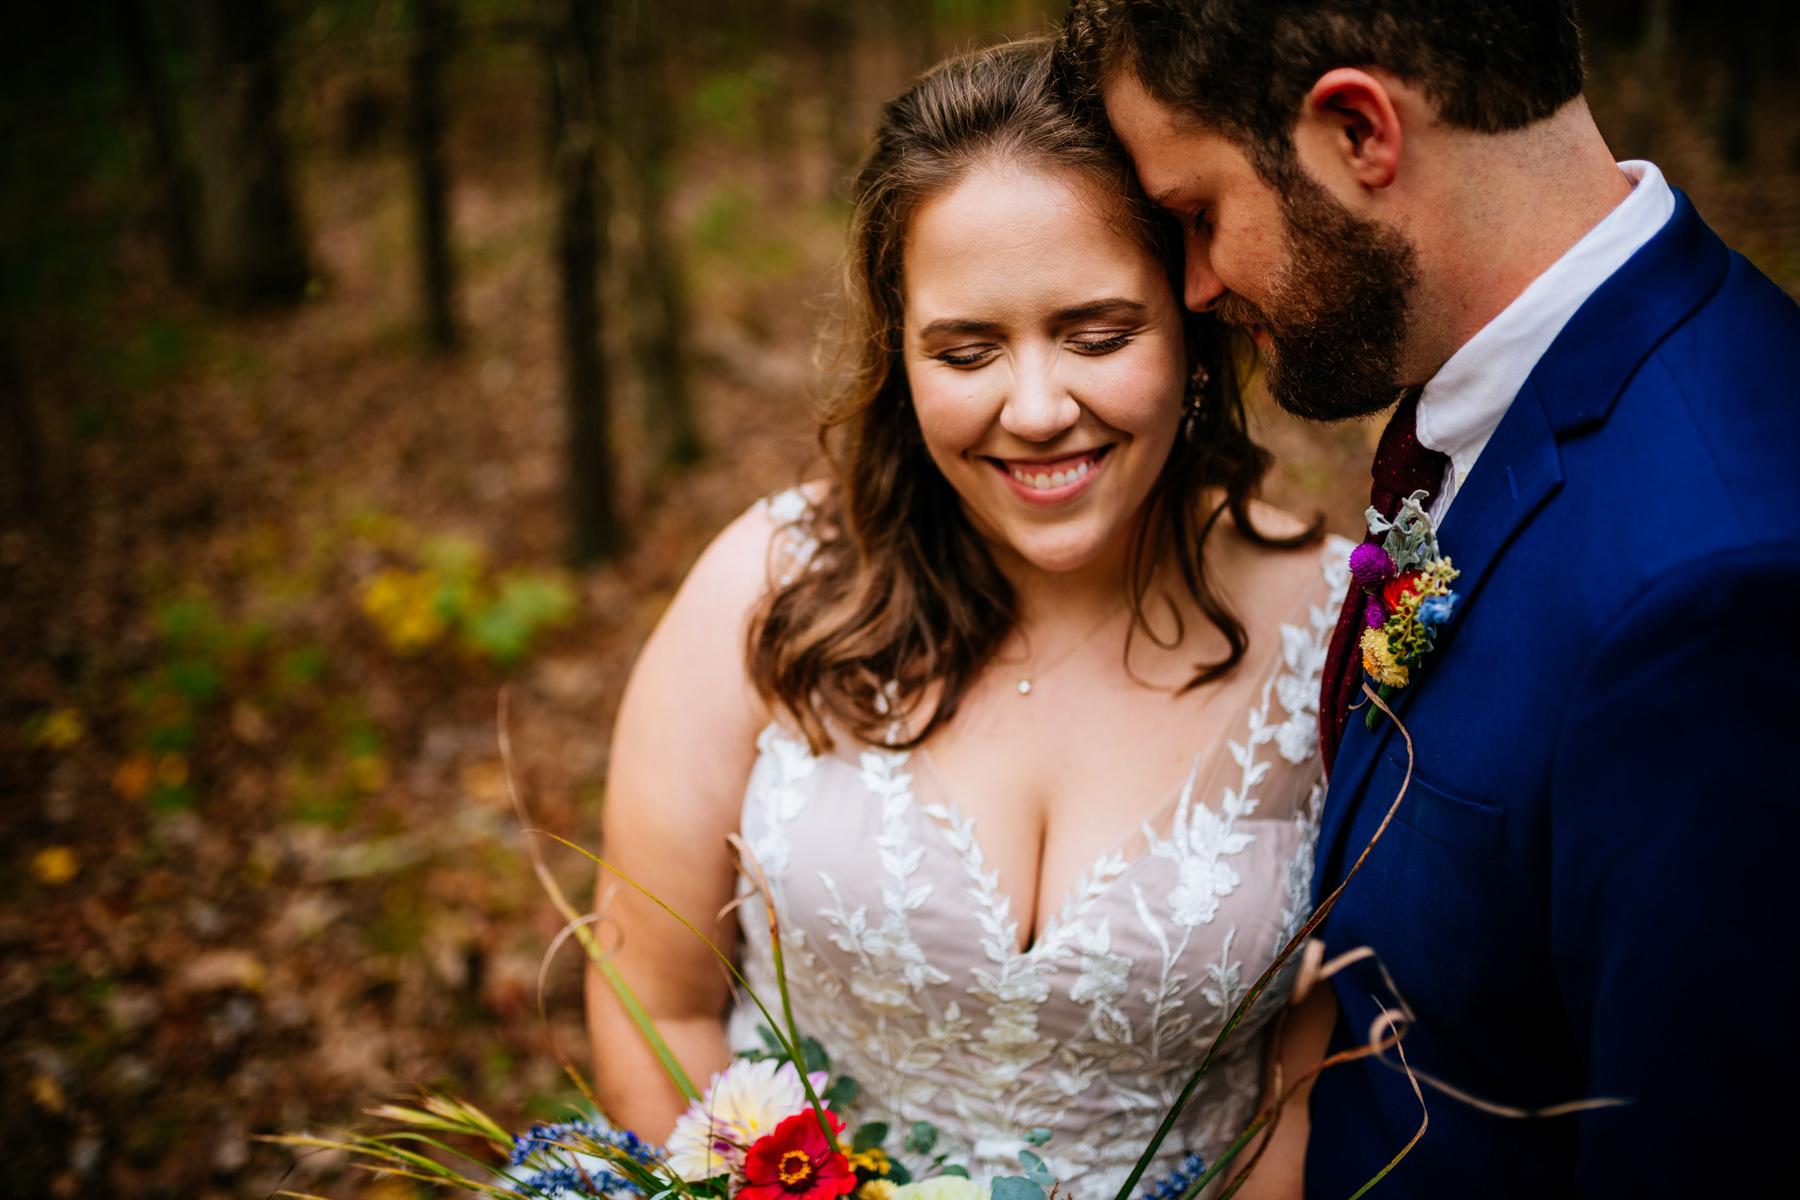 bride groom snuggling